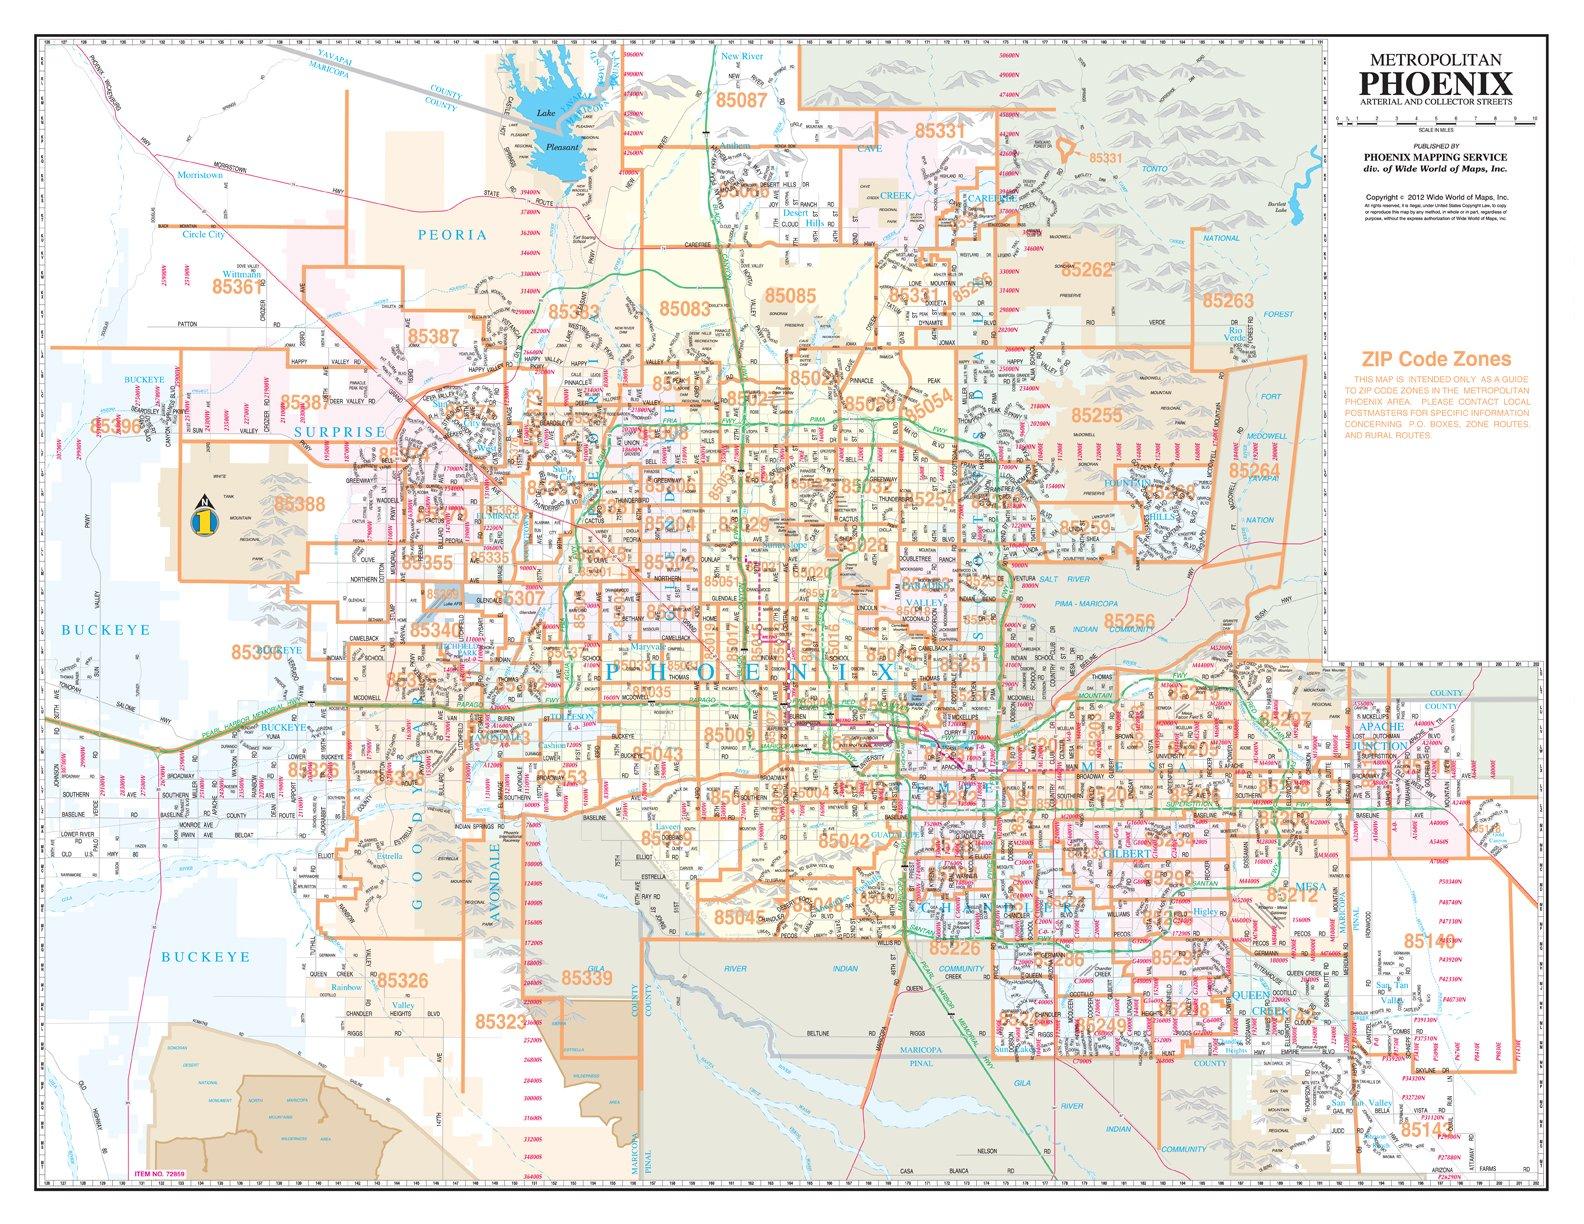 world of maps phoenix Metropolitan Phoenix Zip Code Arterial And Collector Streets Paper world of maps phoenix